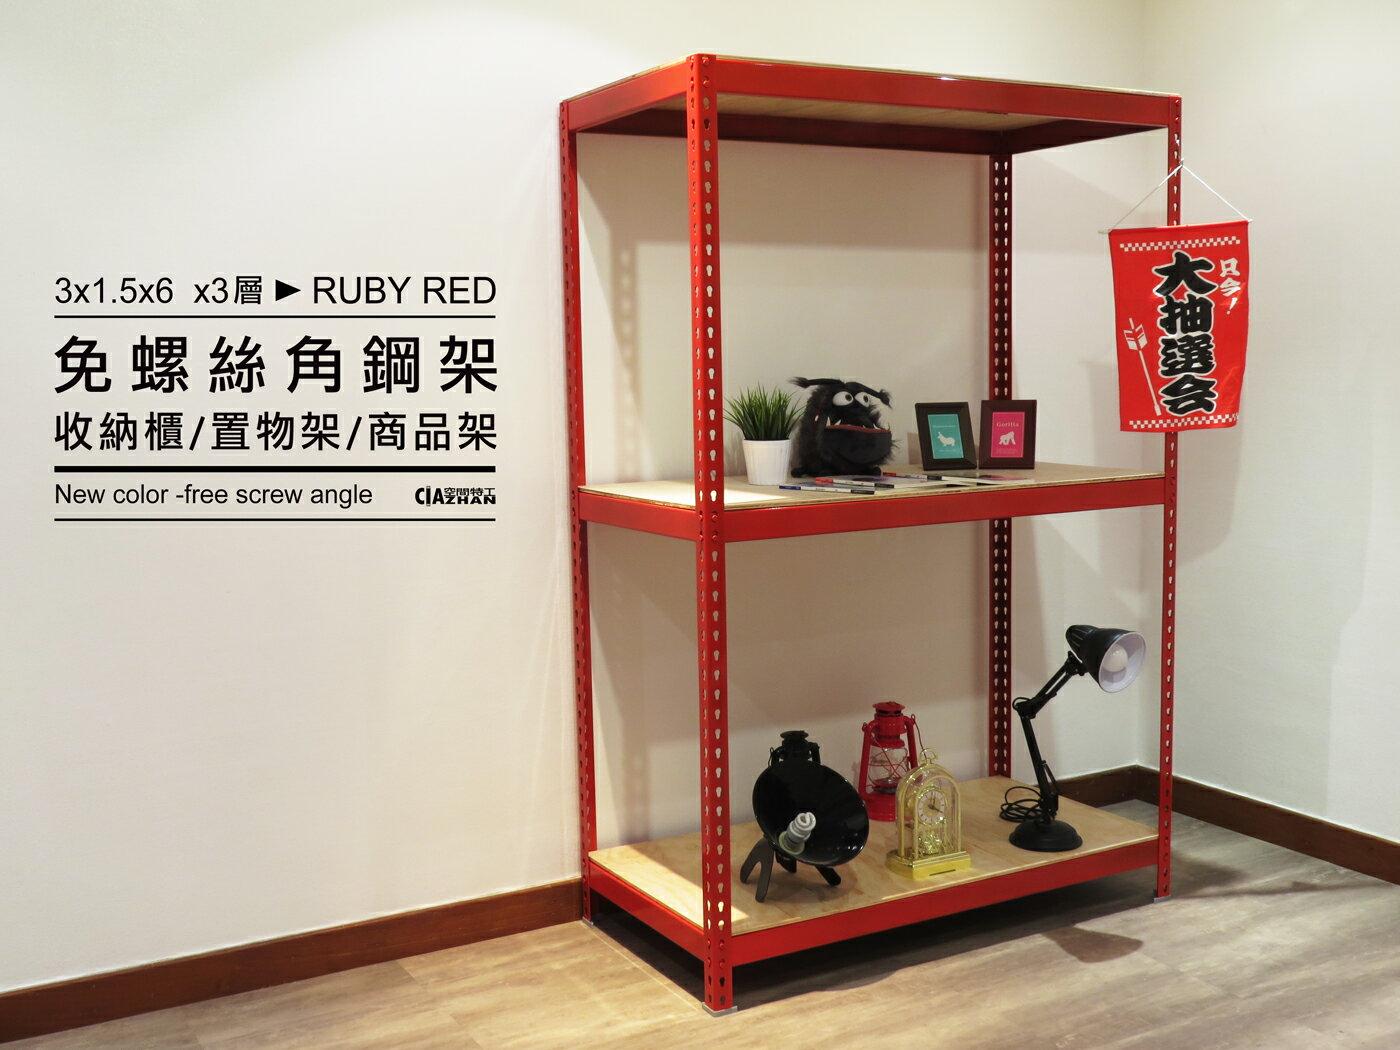 diy組合架♞空間特工♞收納架 書架 鞋櫃 (長3尺x深1.5尺x3層,高6尺 )書櫃 電視櫃 寶石紅置物架 0